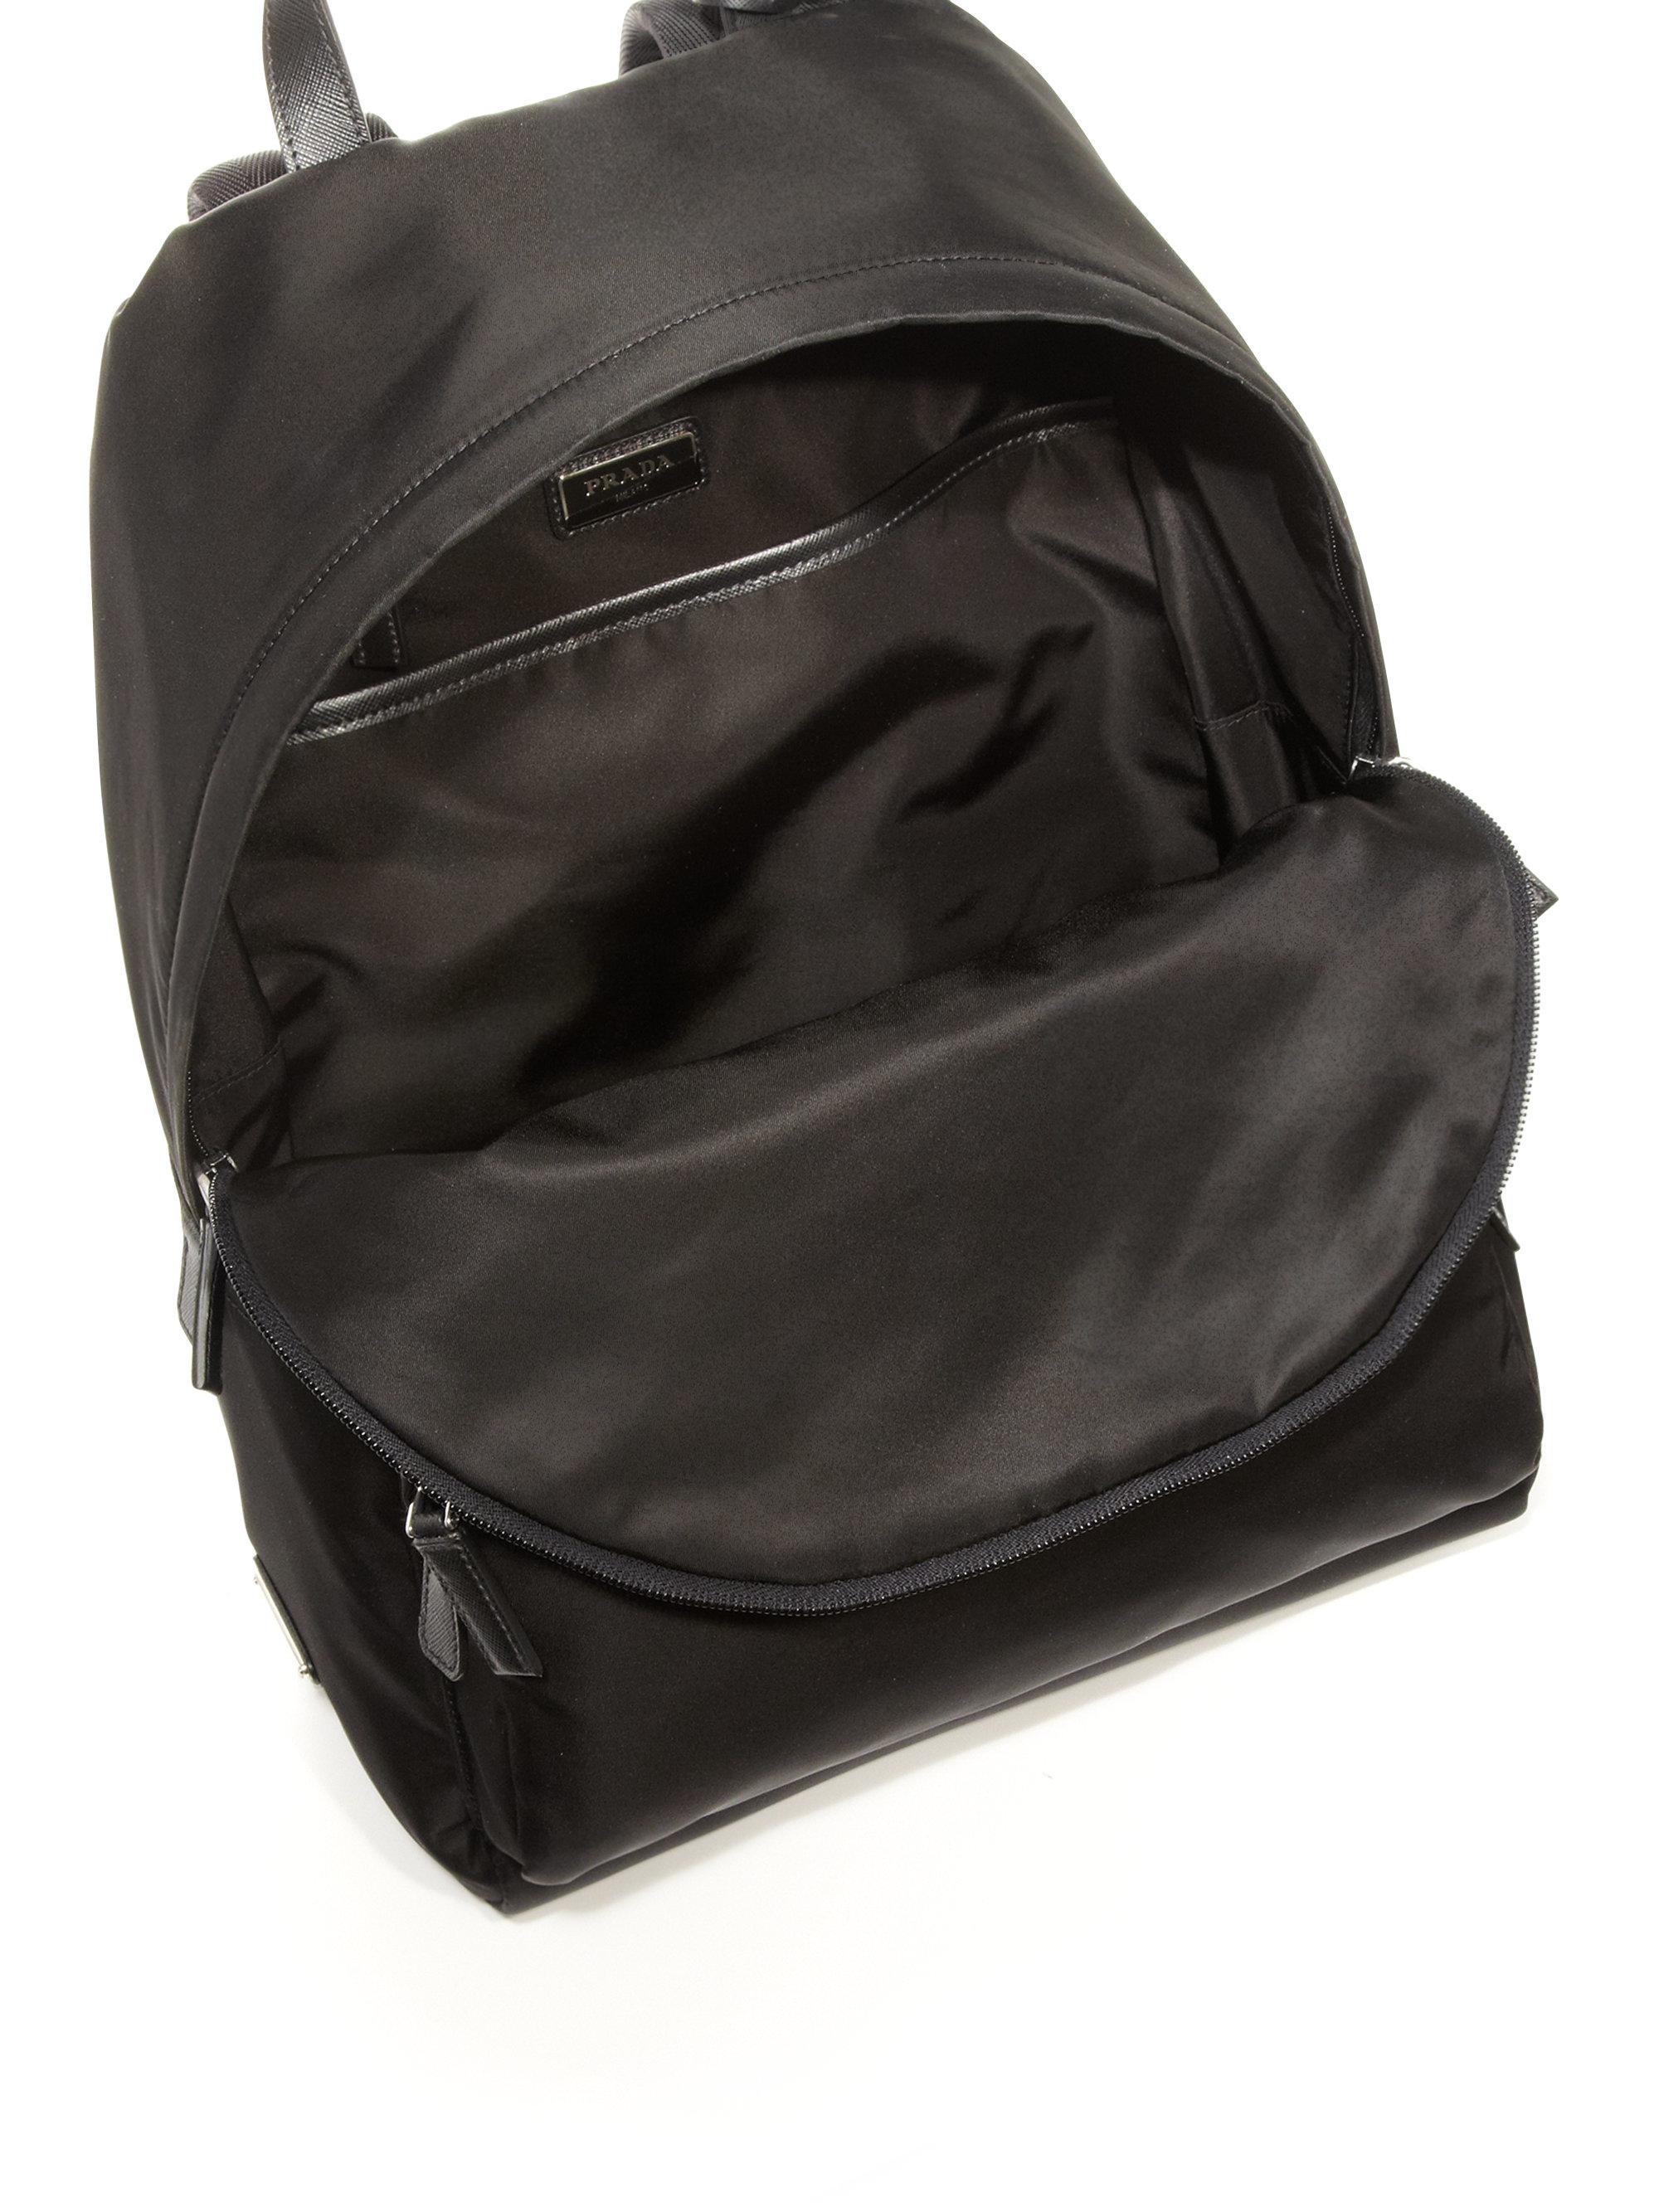 902294b19c4193 ... australia lyst prada zaino backpack in black for men ccd7d 5d8e4